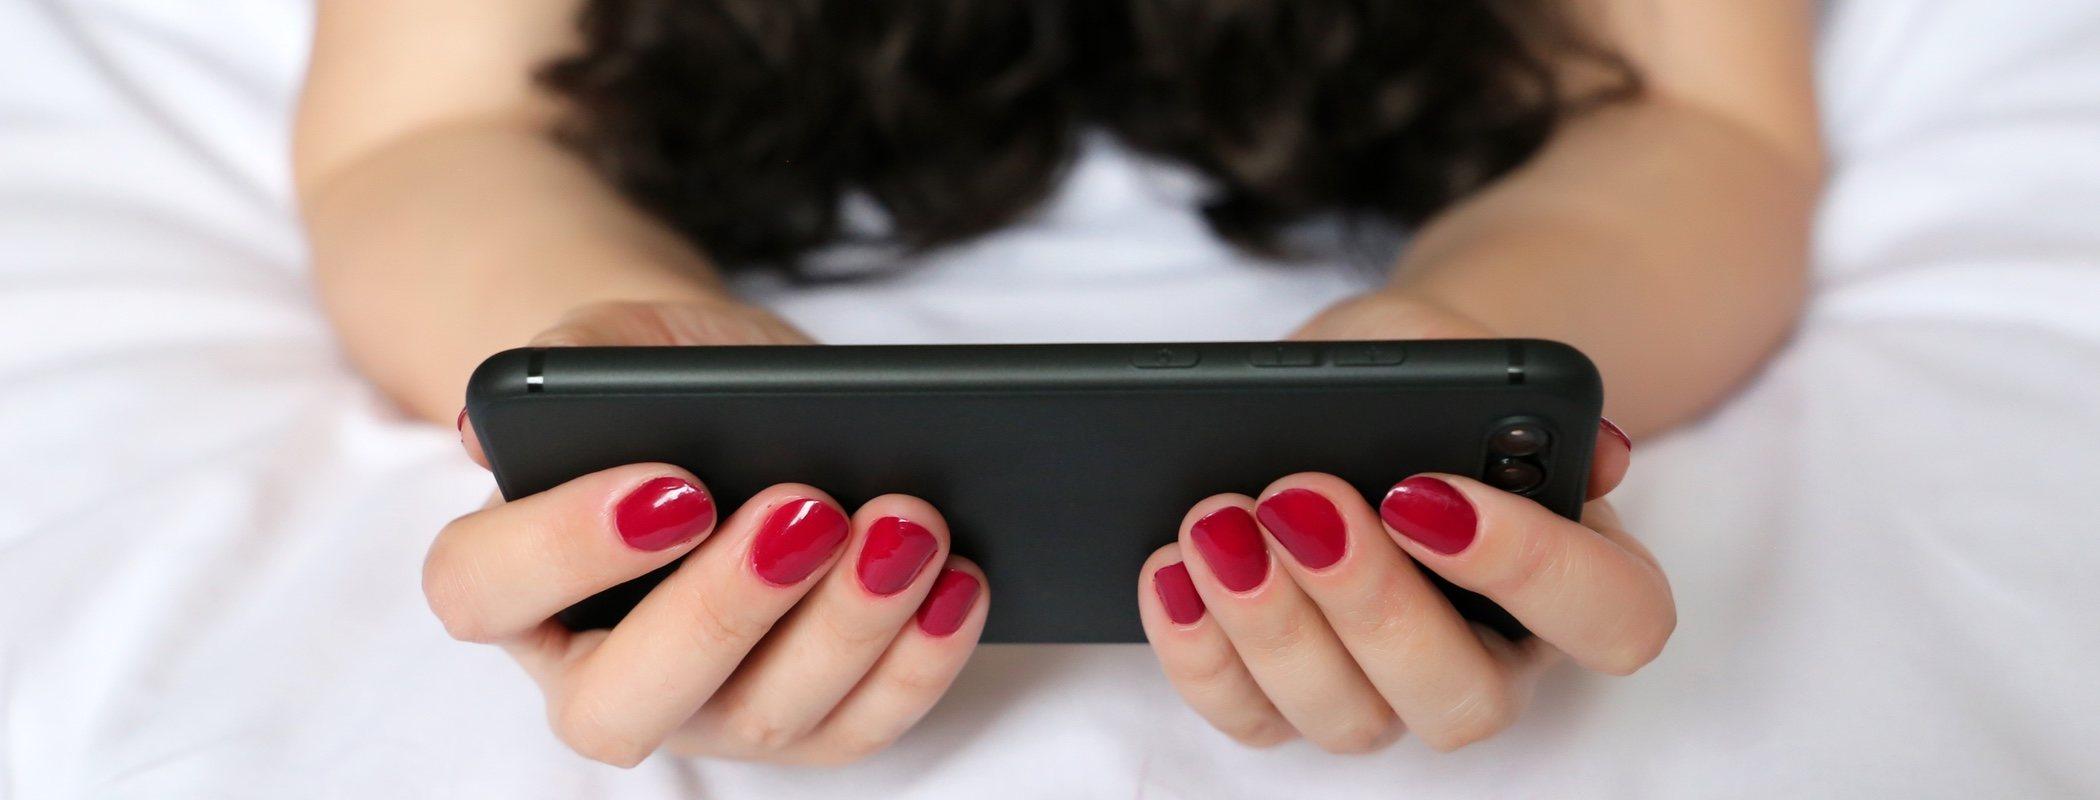 Porno para mujeres: placer con vídeos eróticos